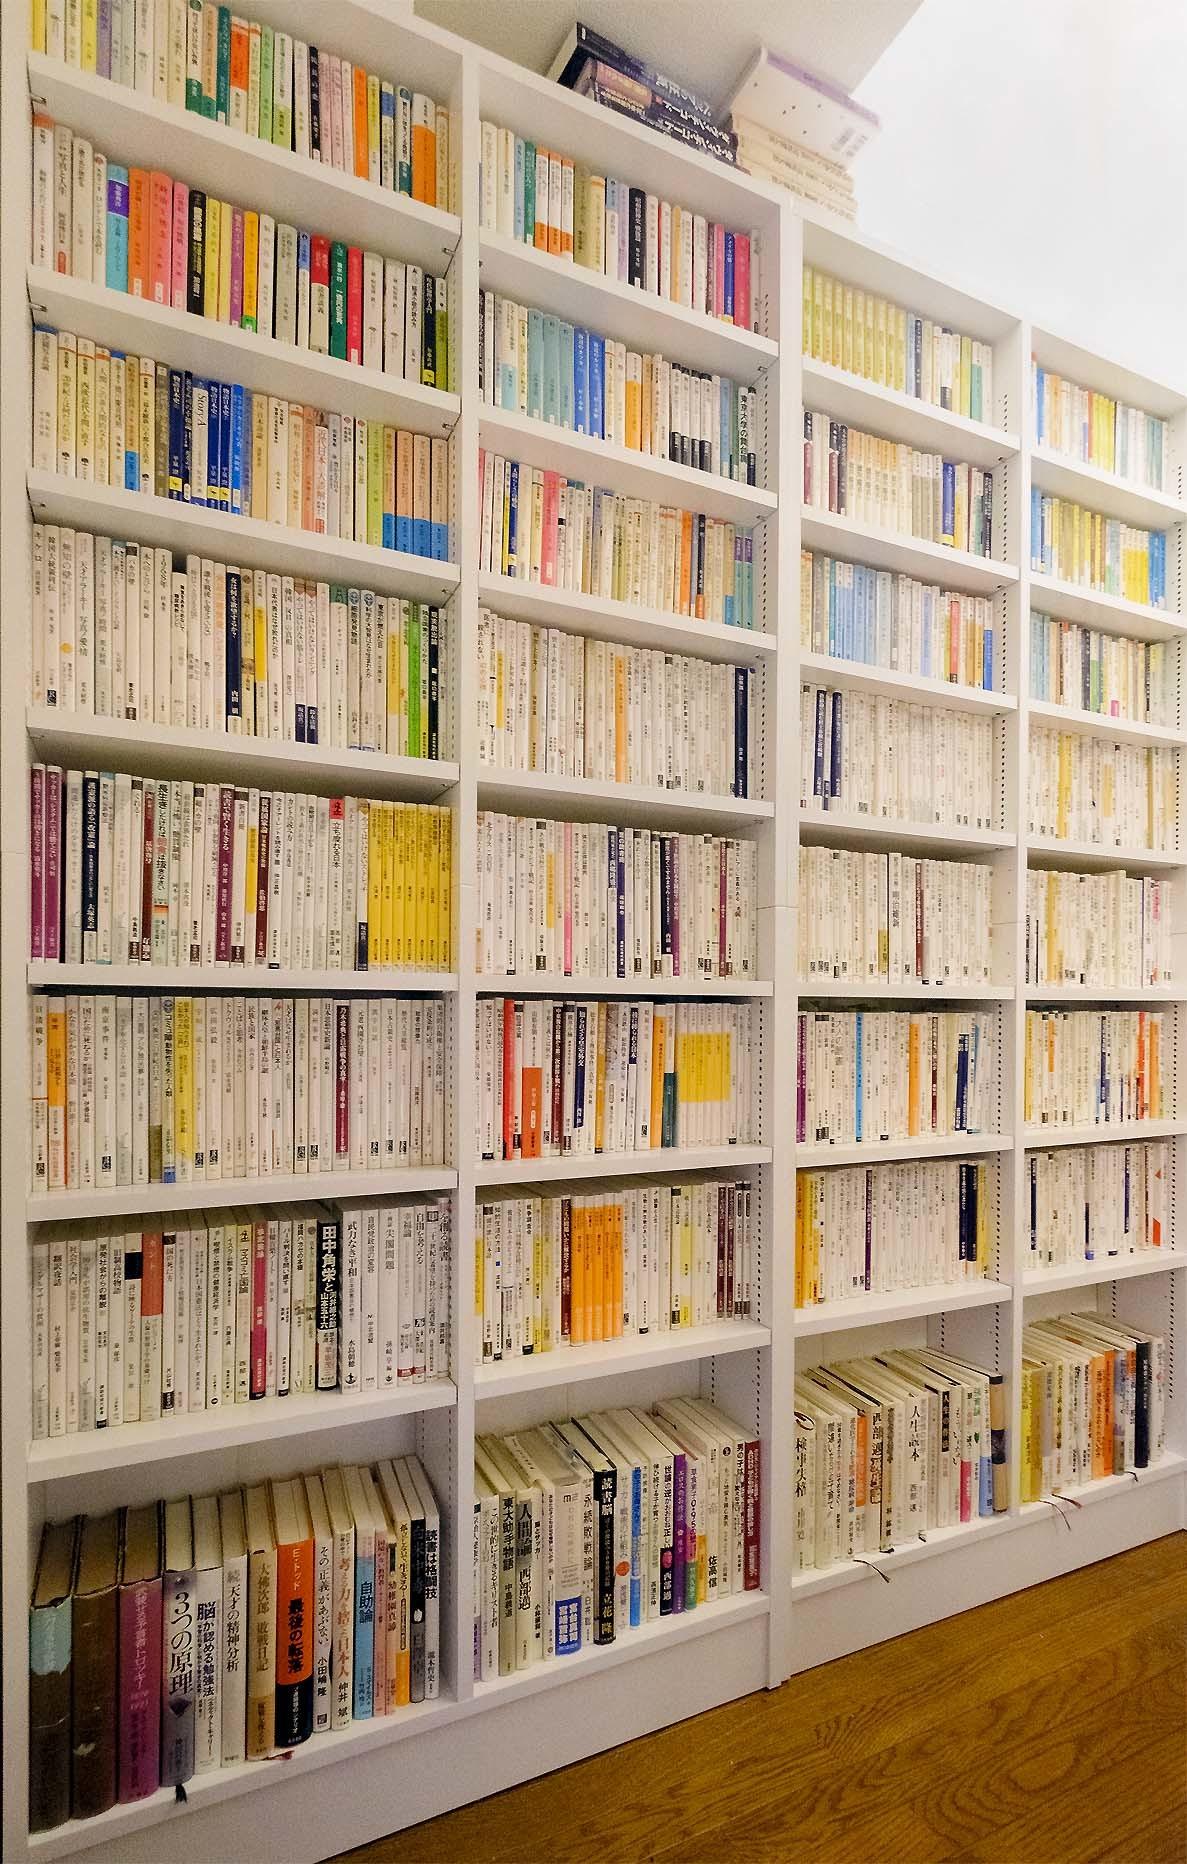 本を読む環境を整えようかと検討中_e0367501_20411079.jpg